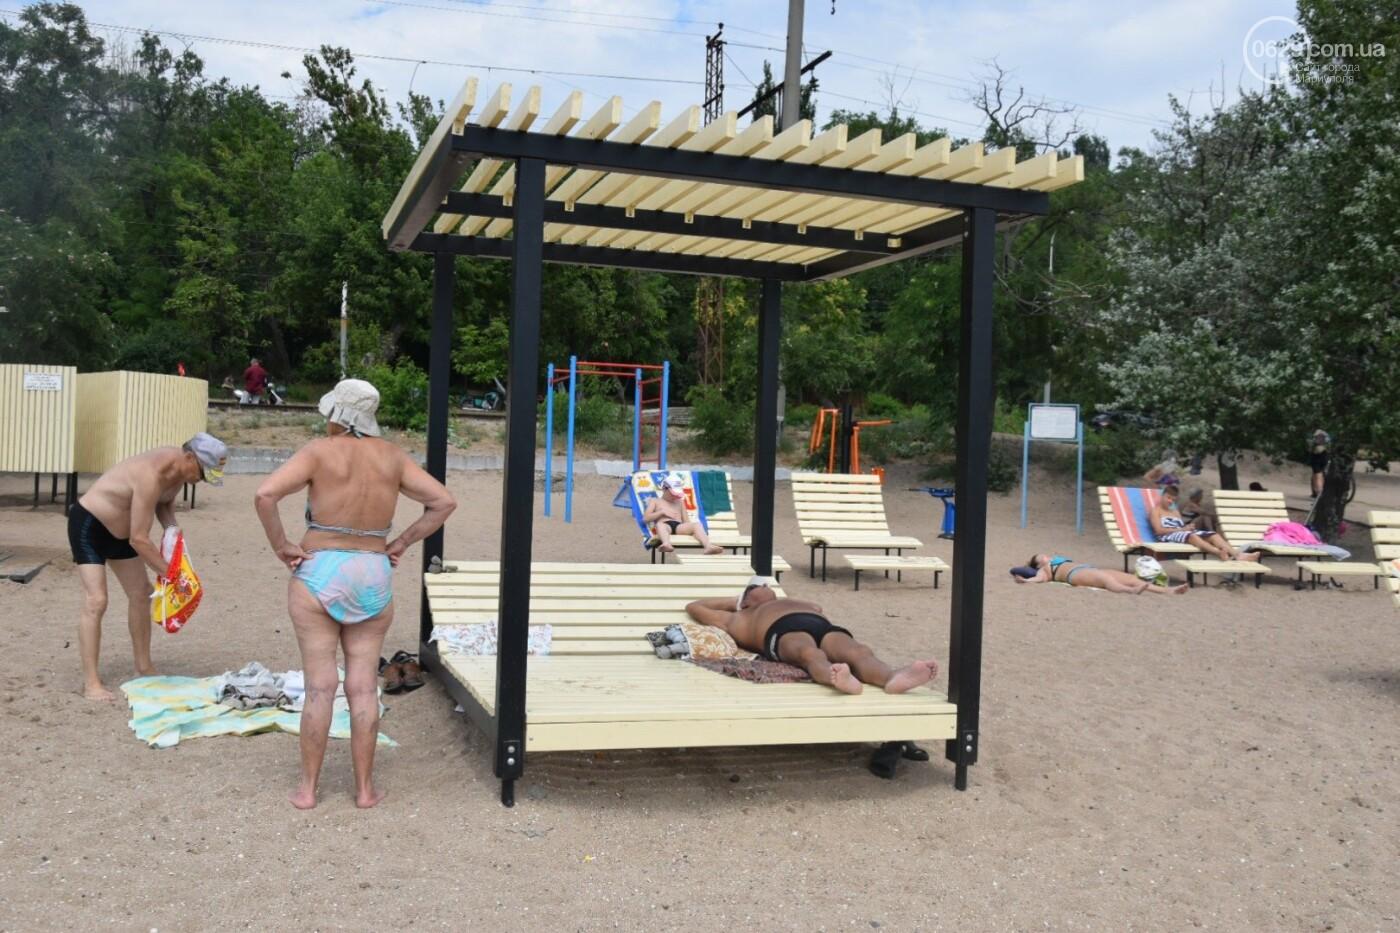 ТОП лучших пляжей Мариуполя, - ФОТО, фото-65